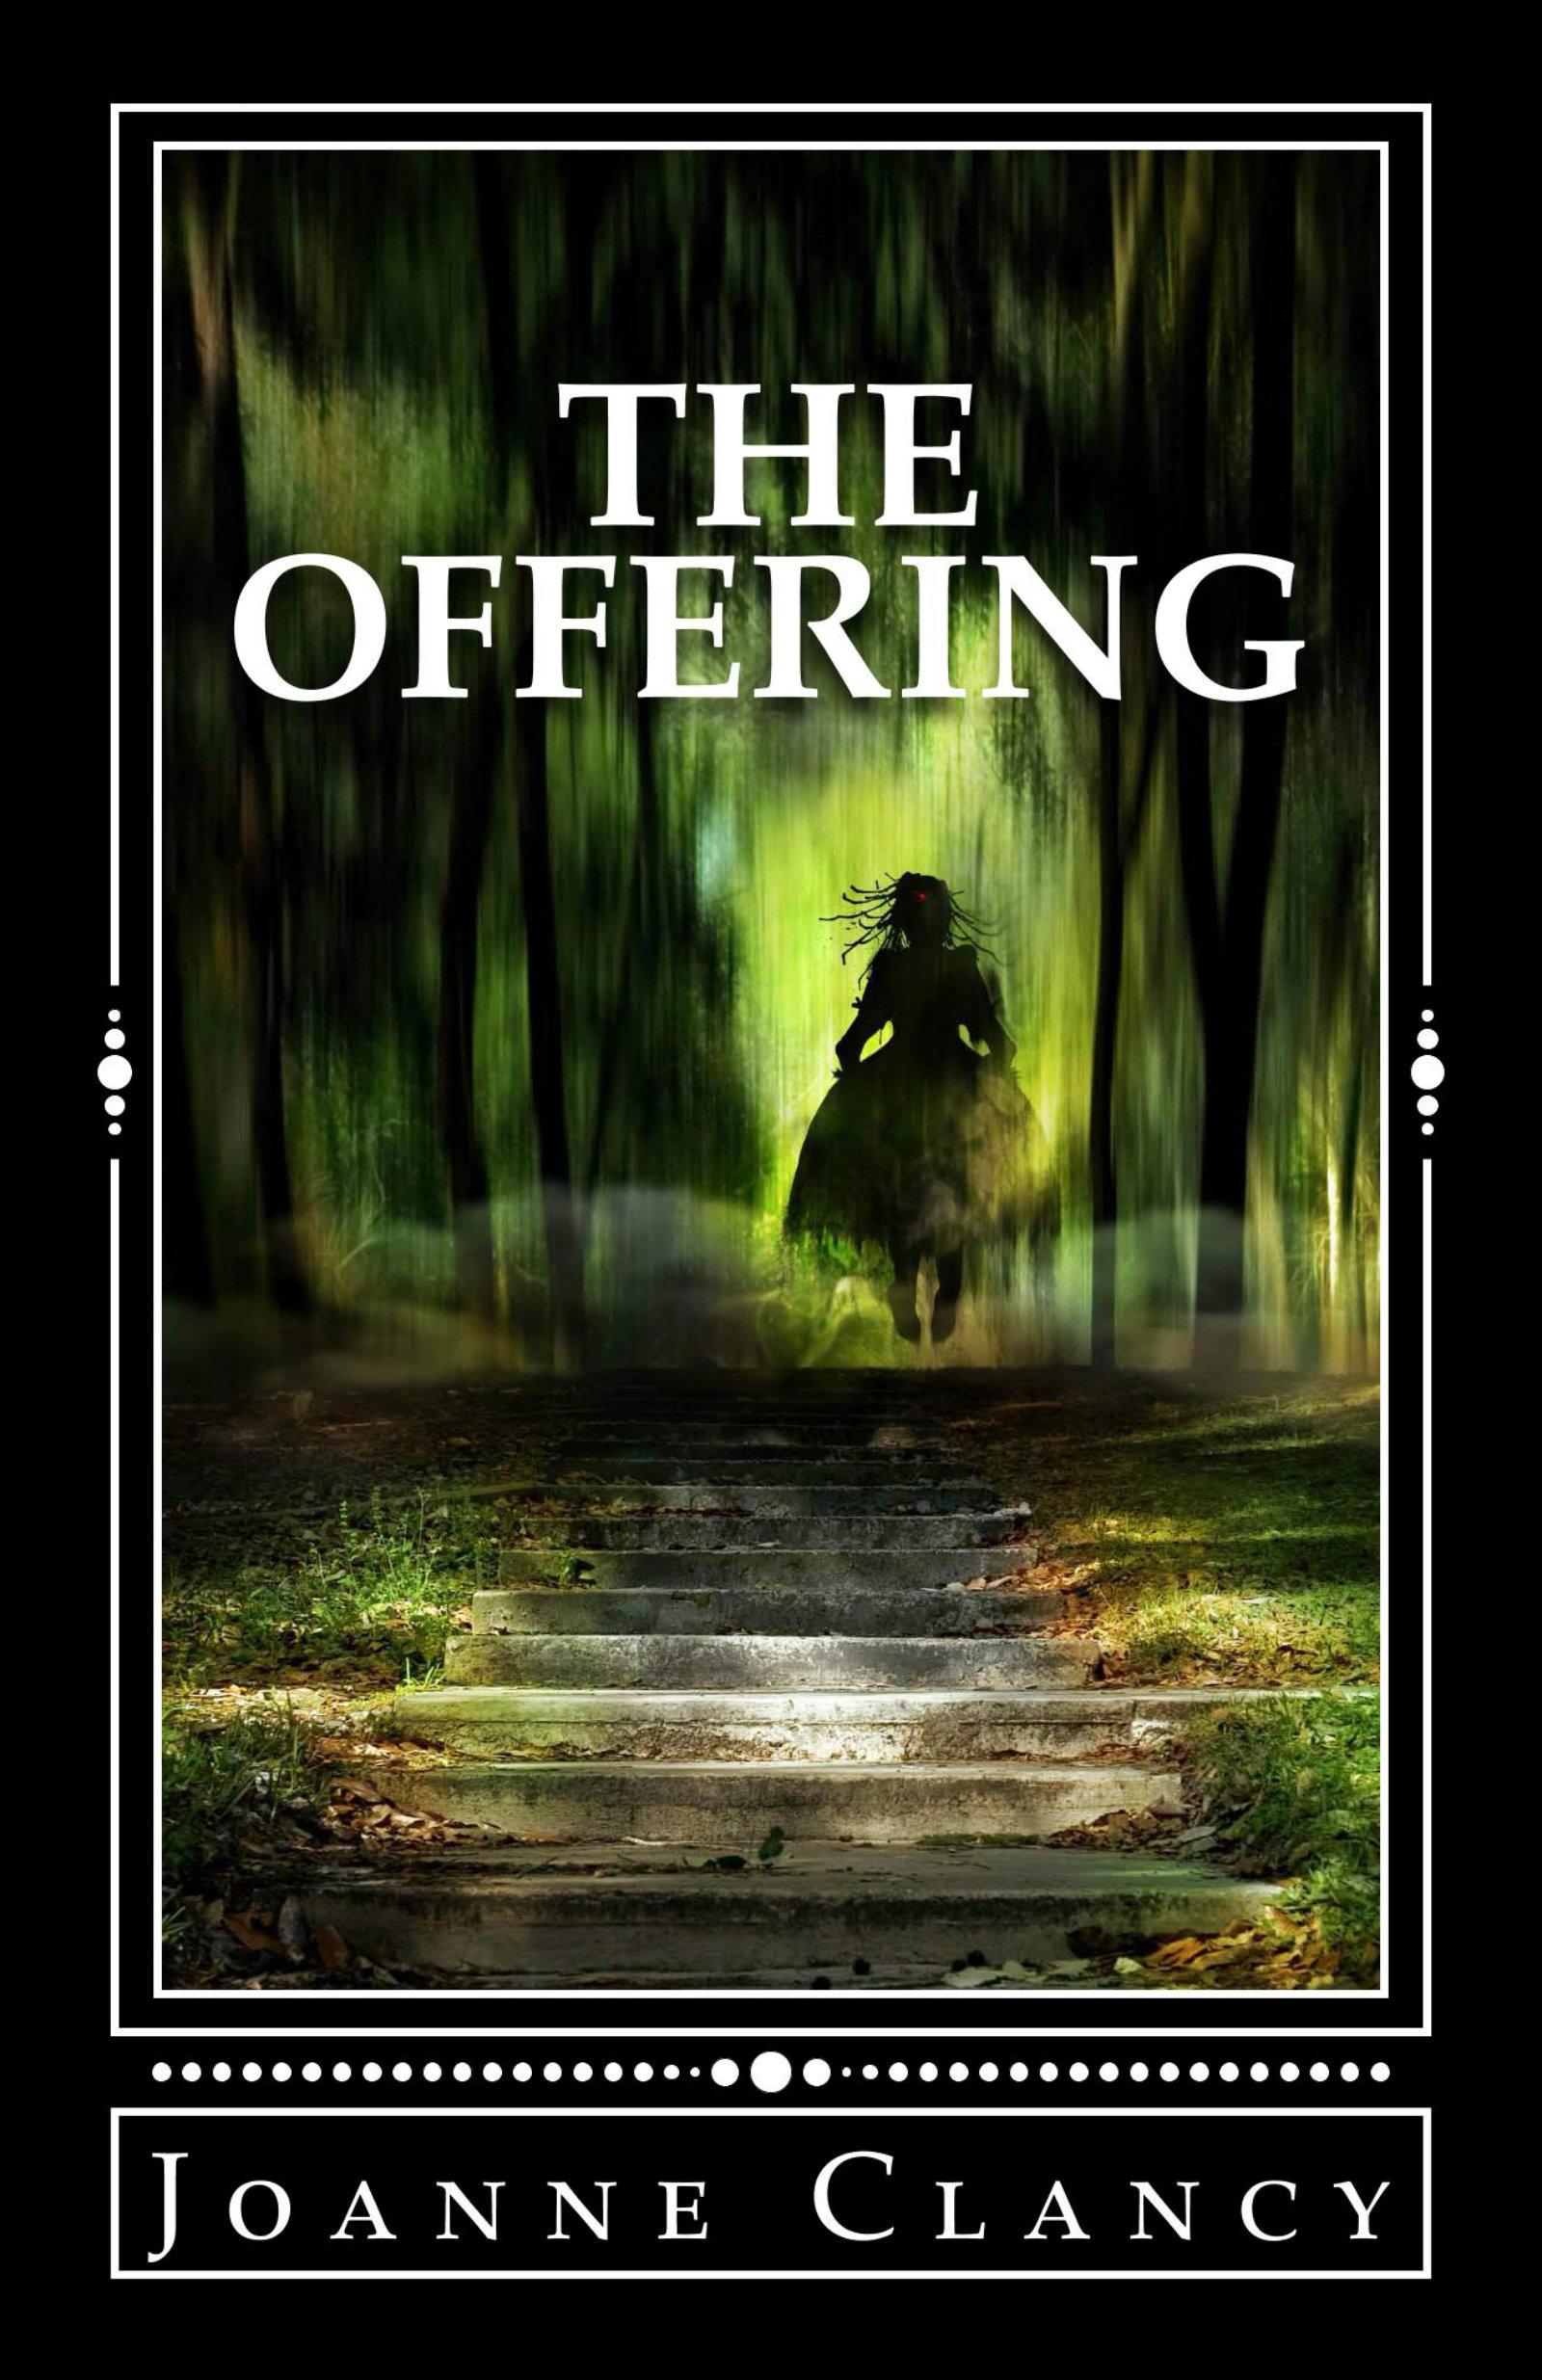 Joanne Clancy - The Offering